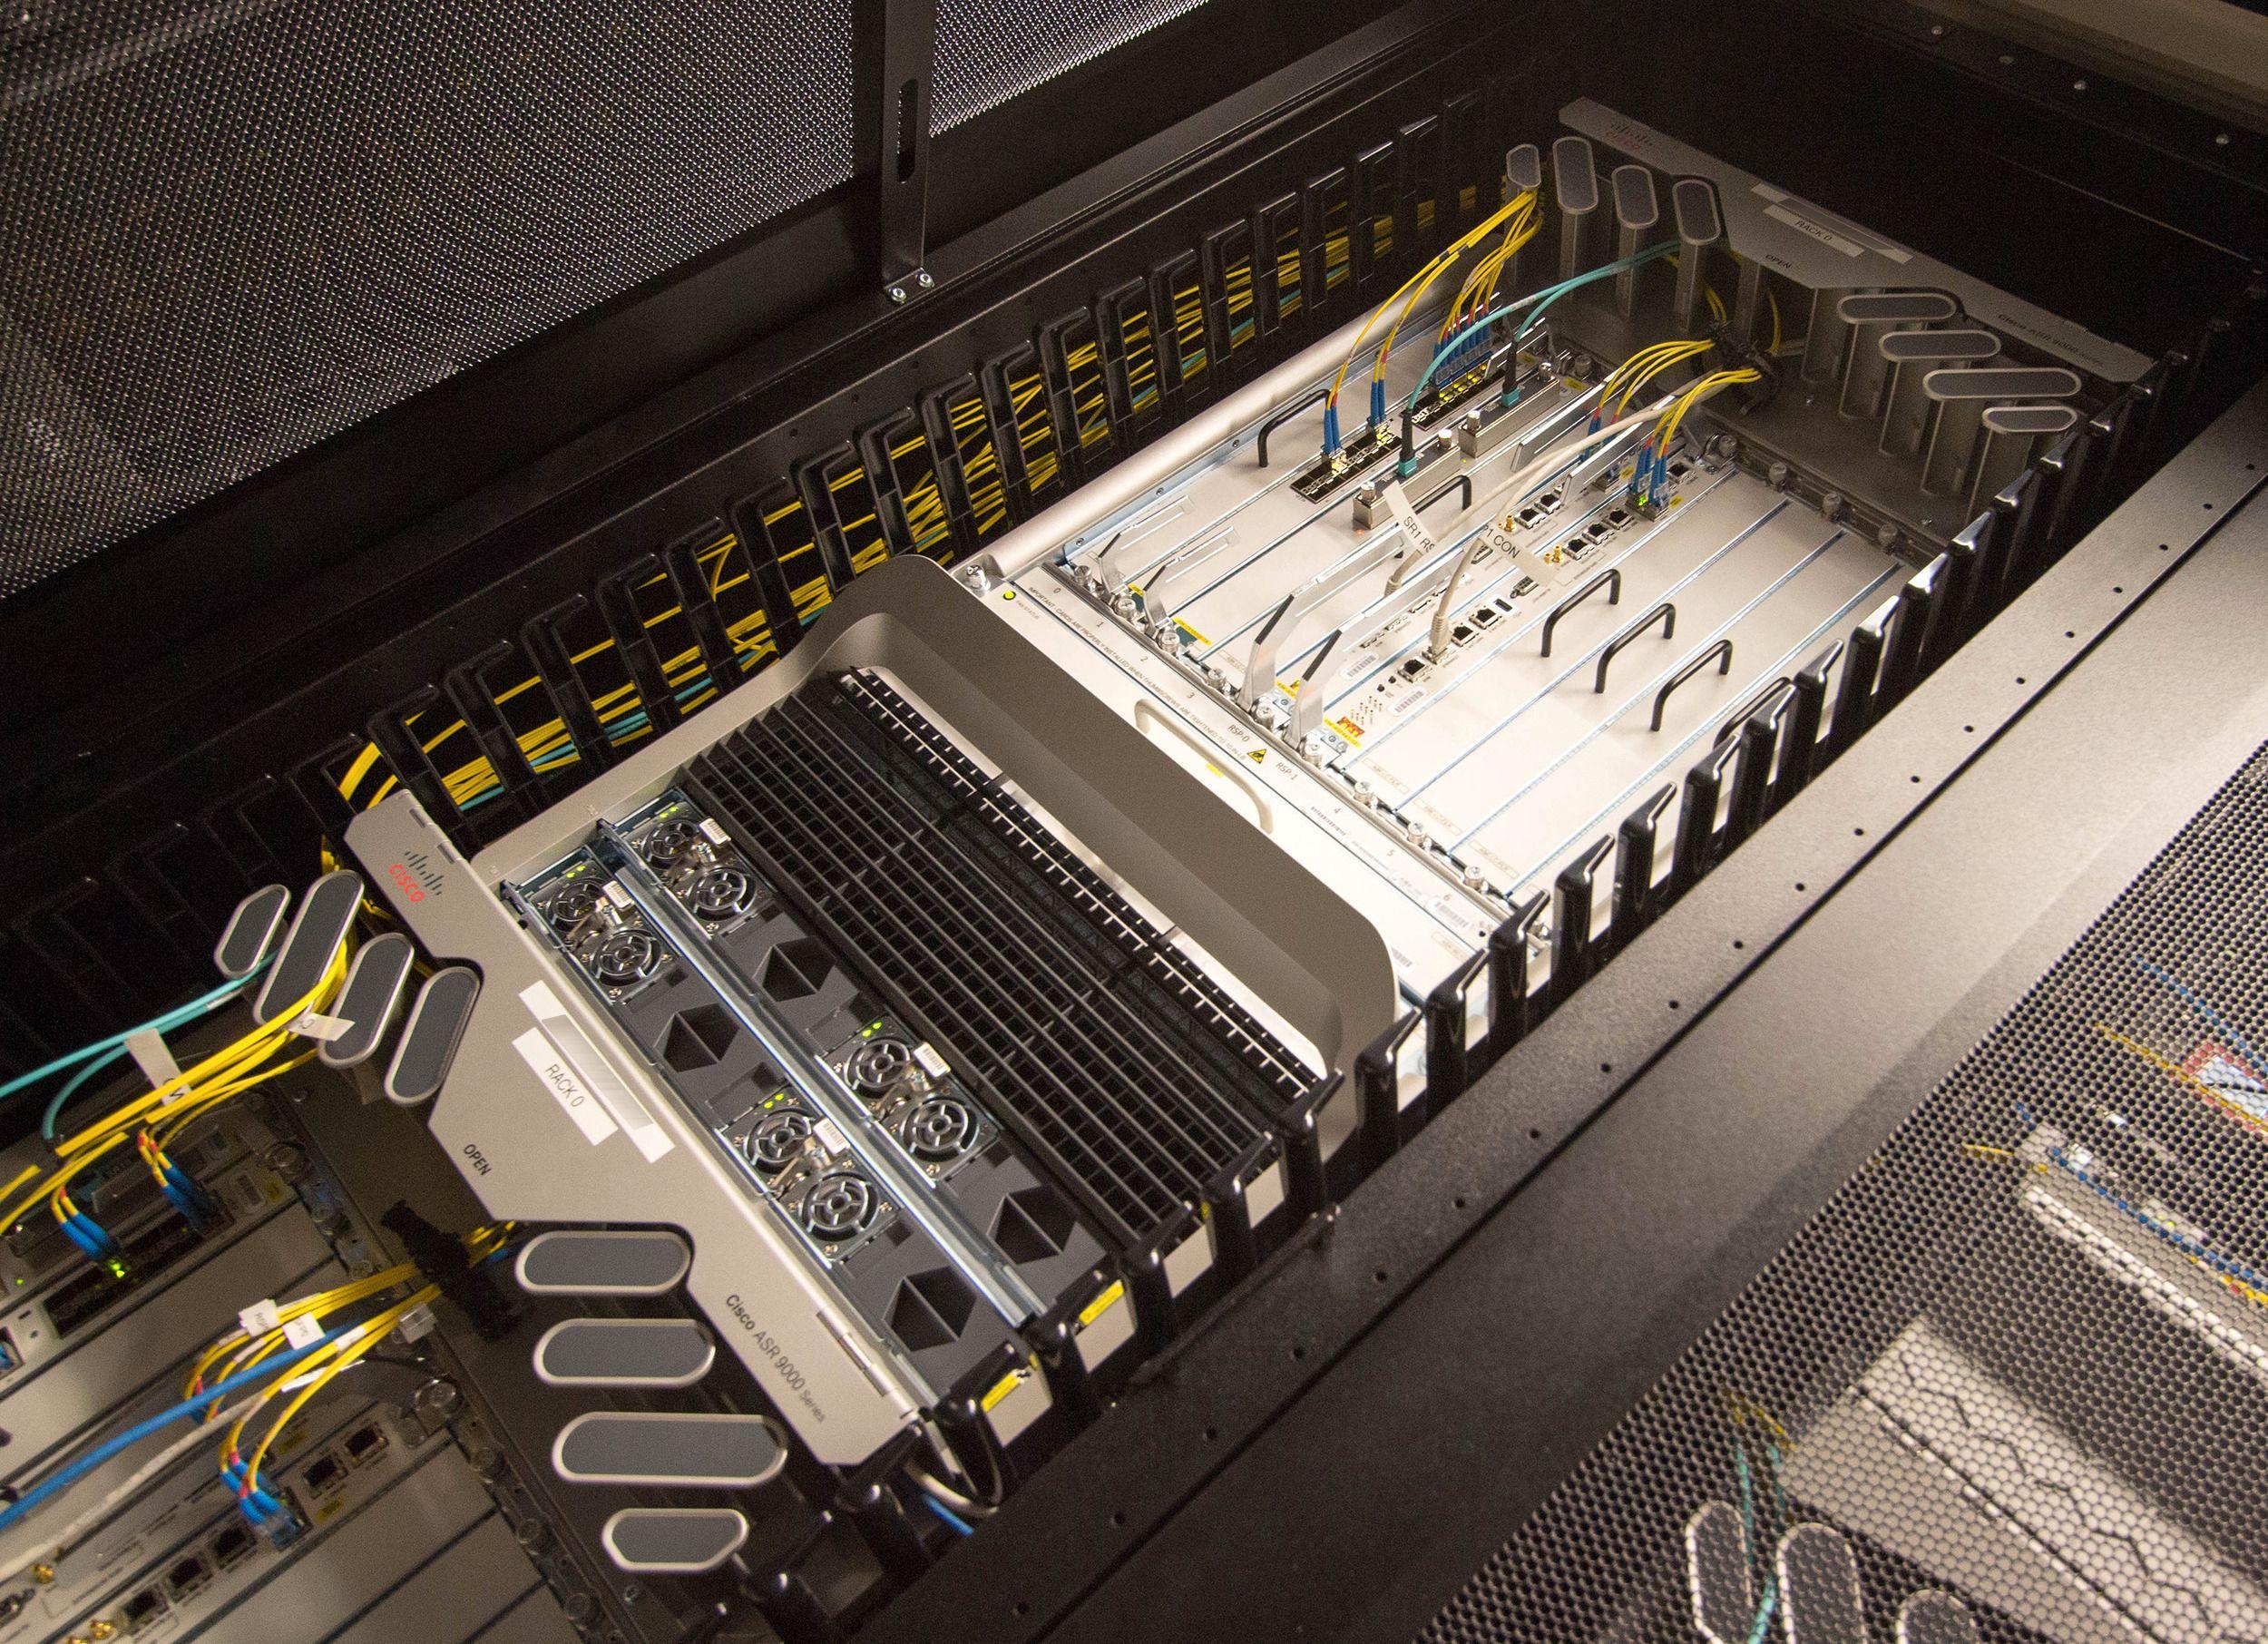 Cisco ASR 9000.